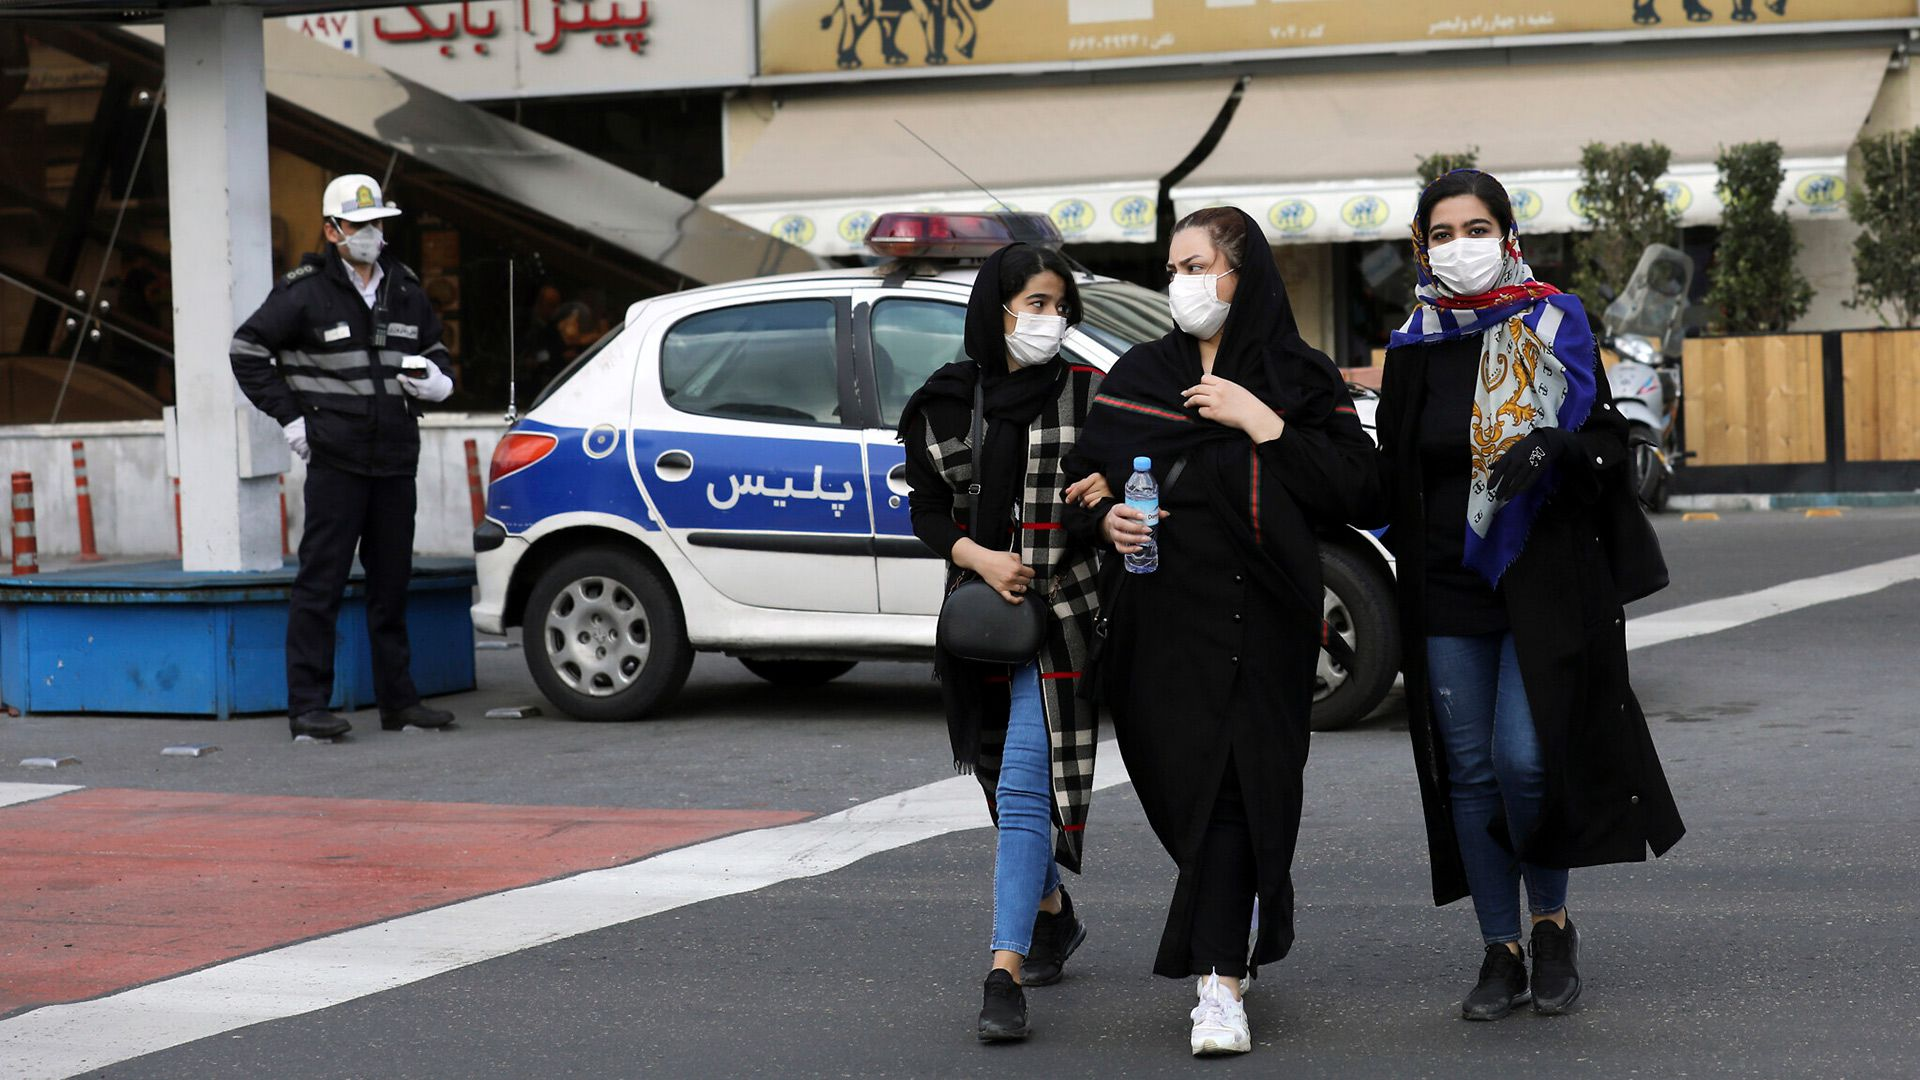 Un policía y unos peatones llevan máscaras para protegerse del Coronavirus, en el centro de Teherán (Foto AP/Ebrahim Noroozi)